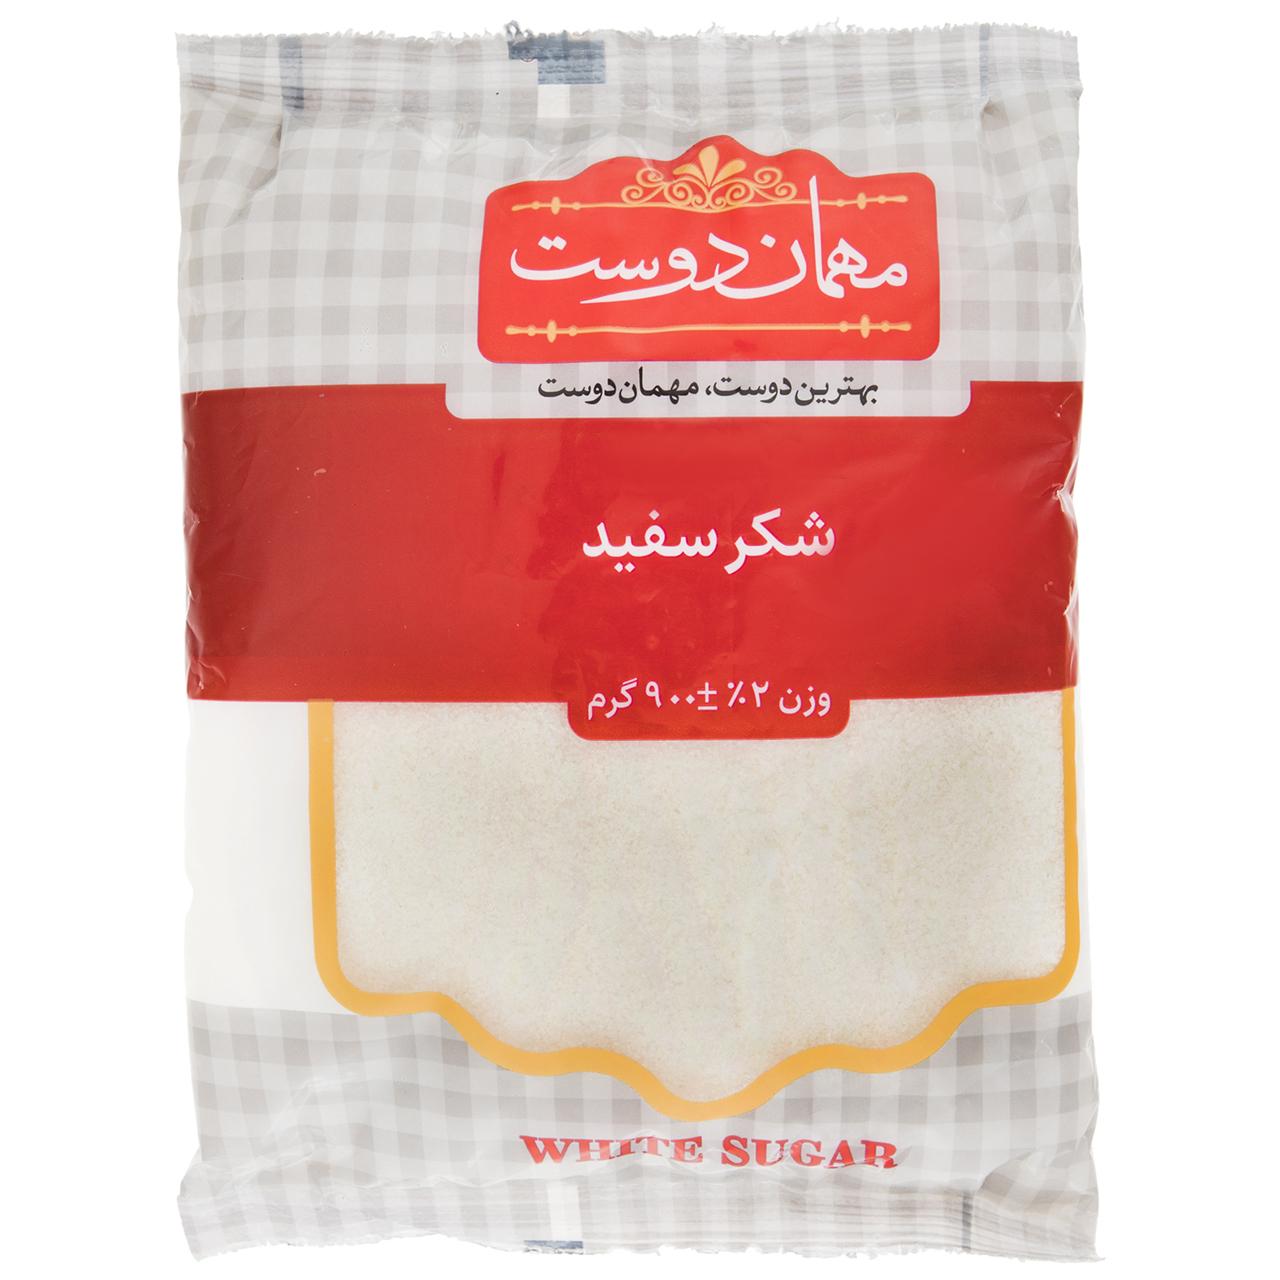 شکر سفید مهمان دوست مقدار 900 گرم